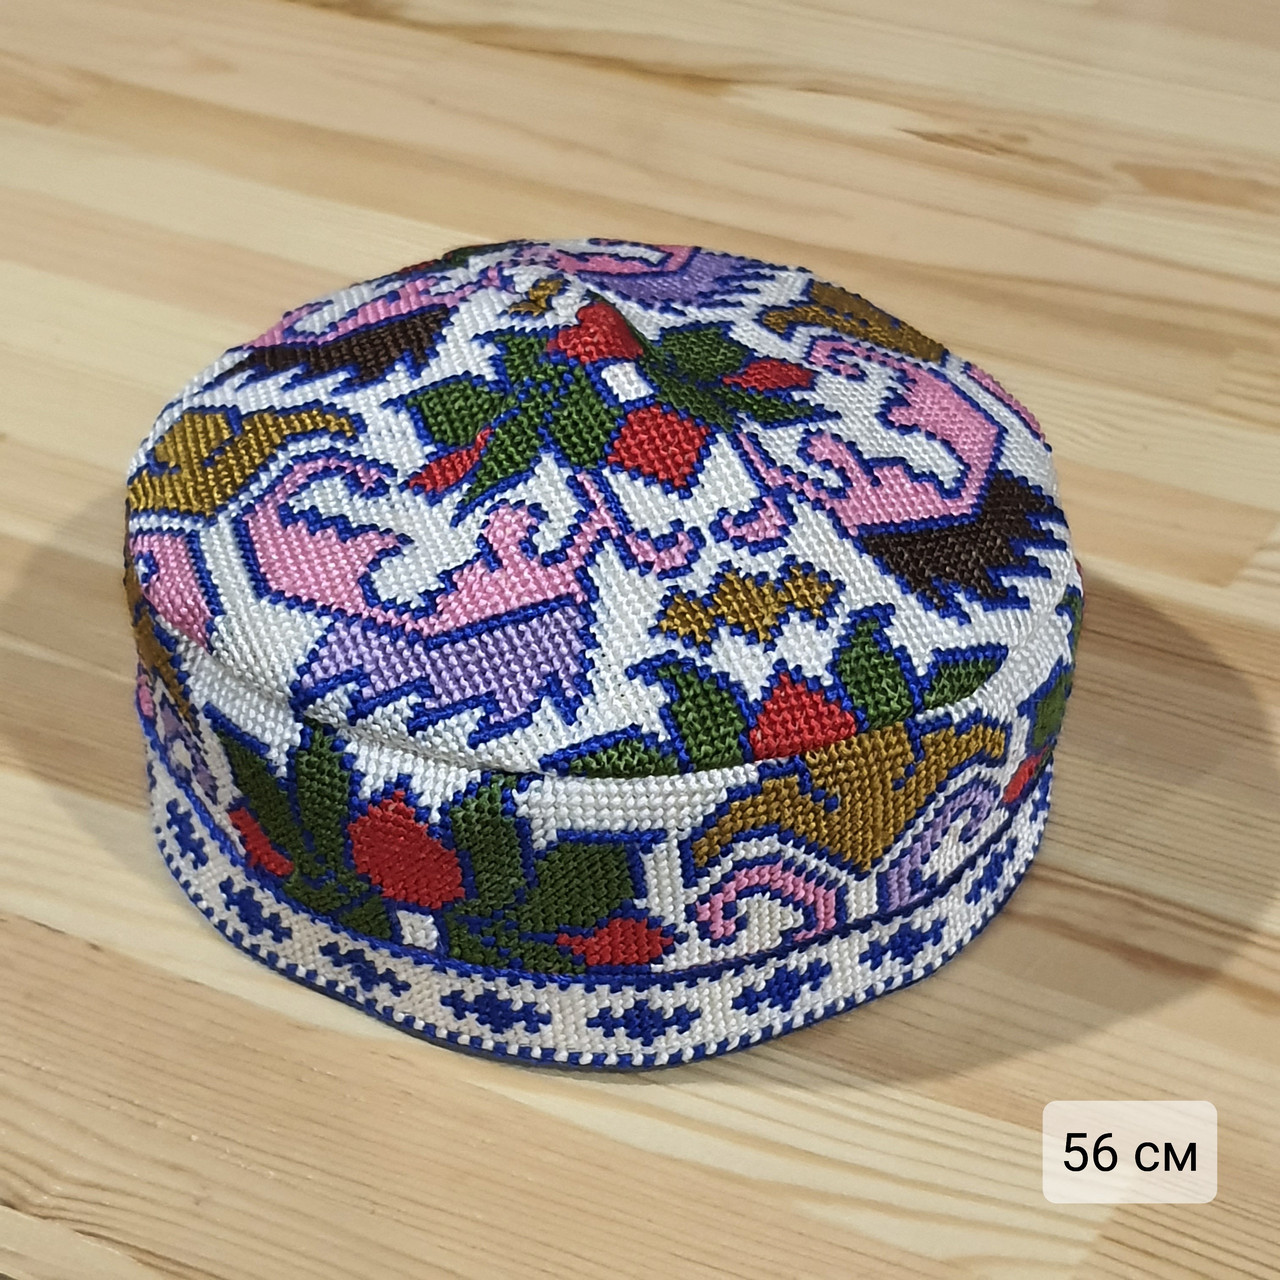 Узбекская тюбетейка 56 см. Ручная вышивка. Узбекистан (56_2)